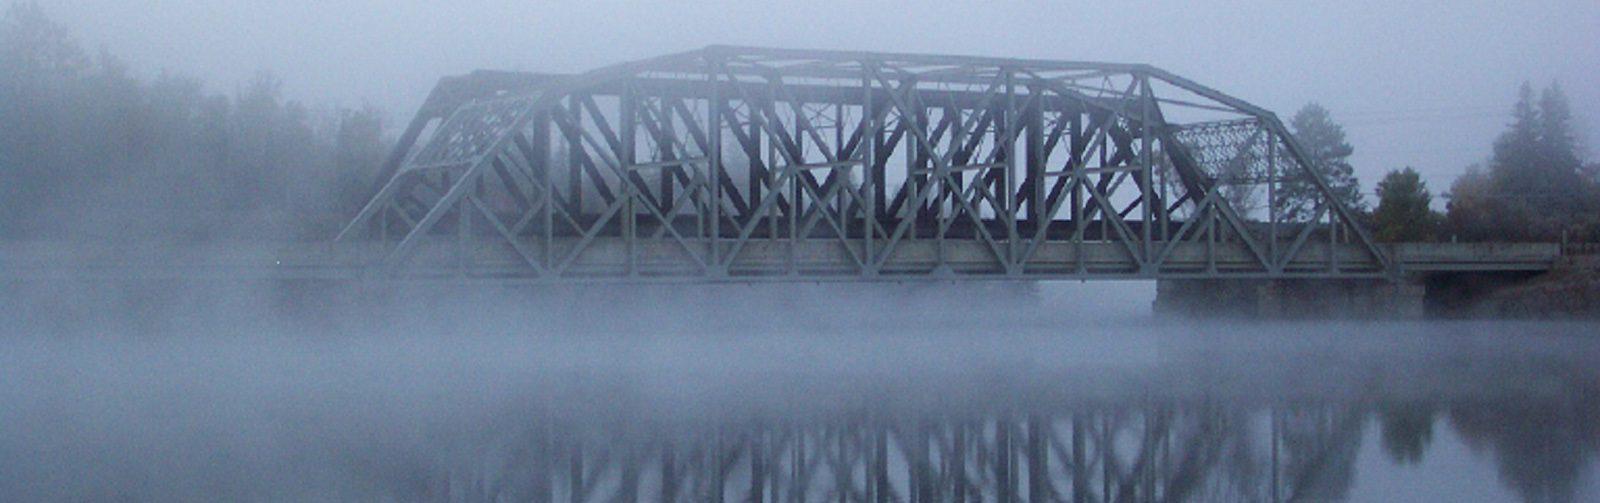 Spanish River - TCH Bridge In Fog (CoverPhoto)